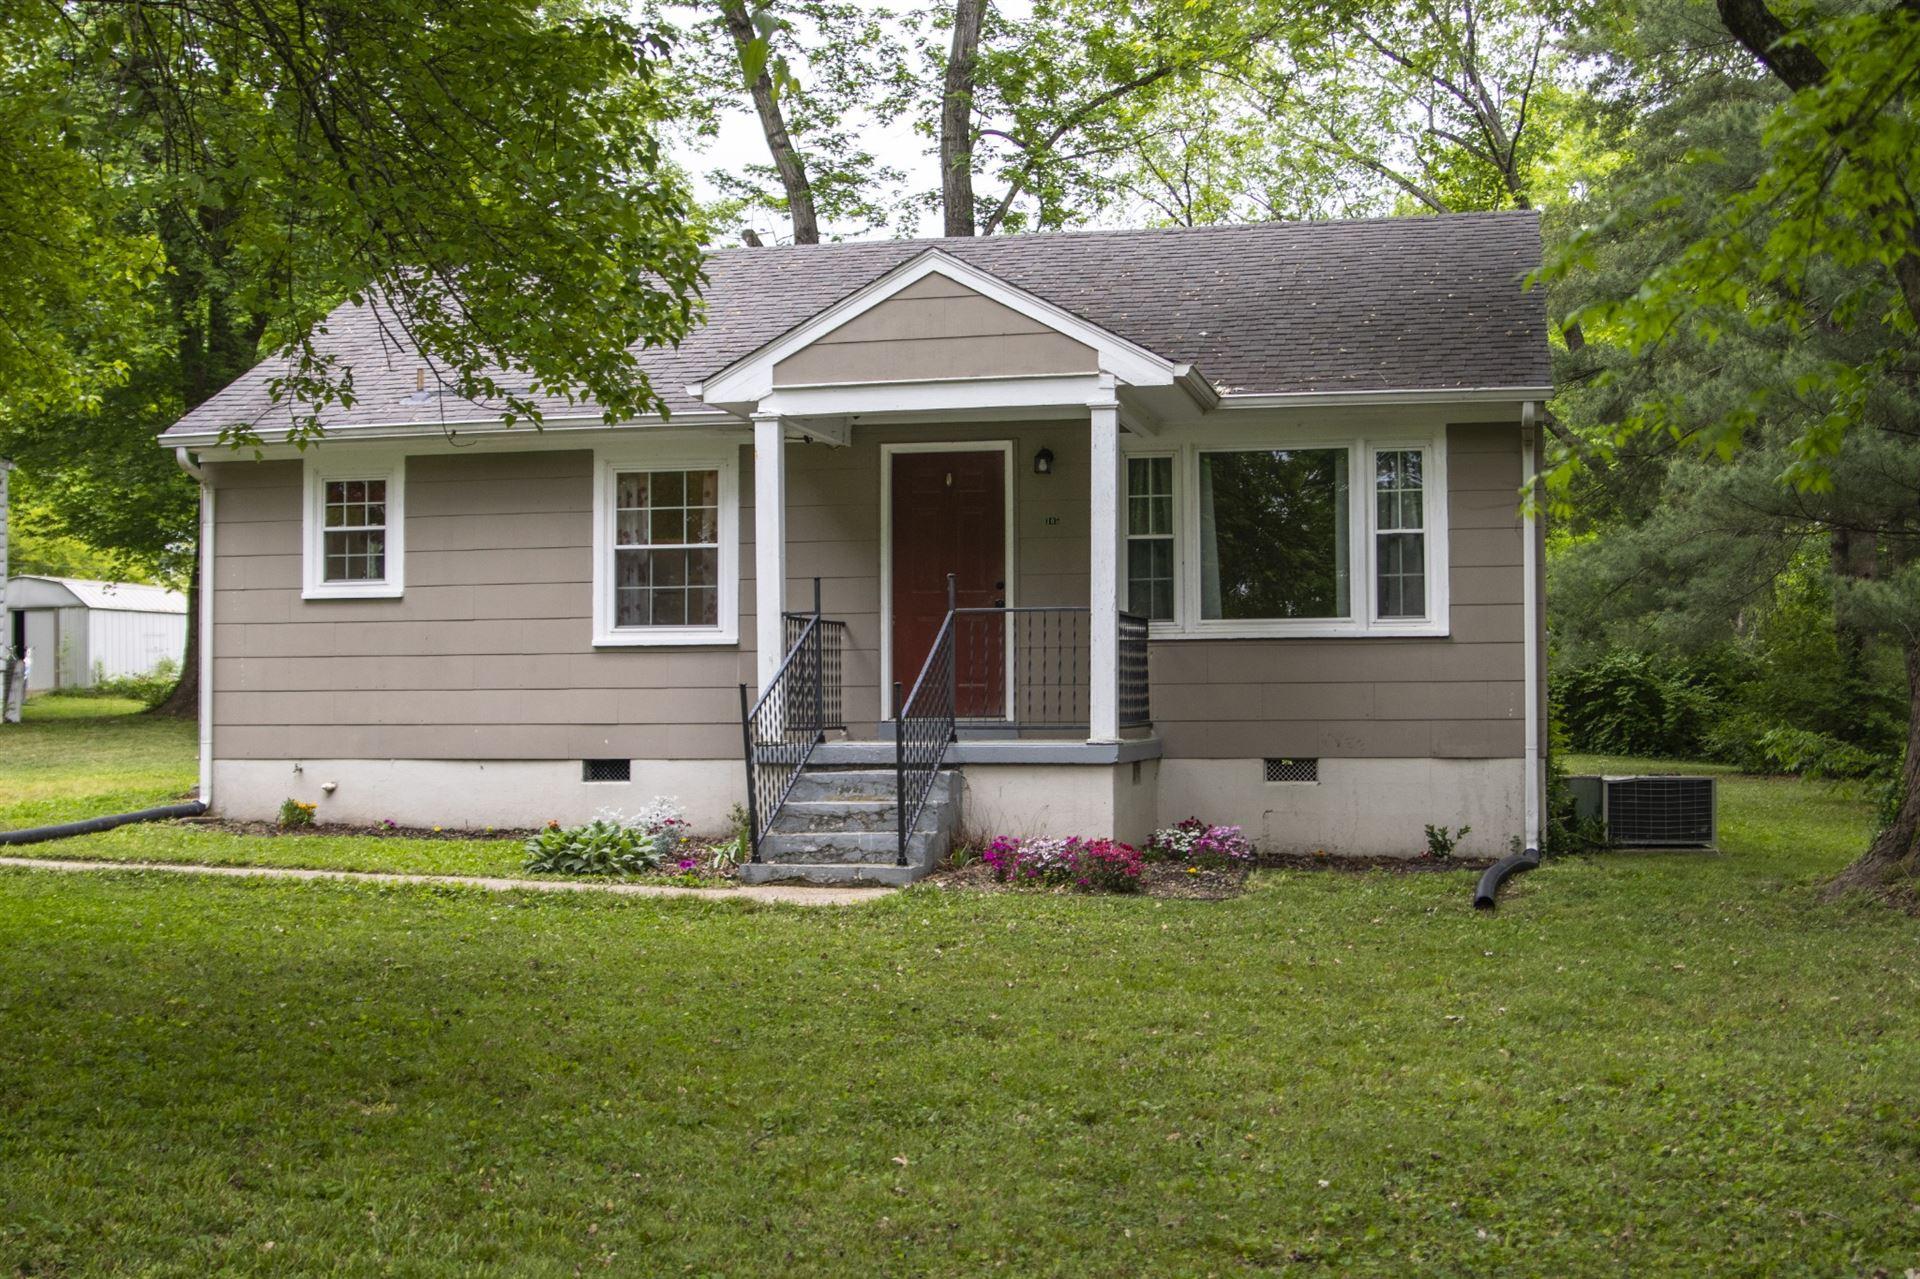 105 Brookview Cir, Columbia, TN 38401 - MLS#: 2249873